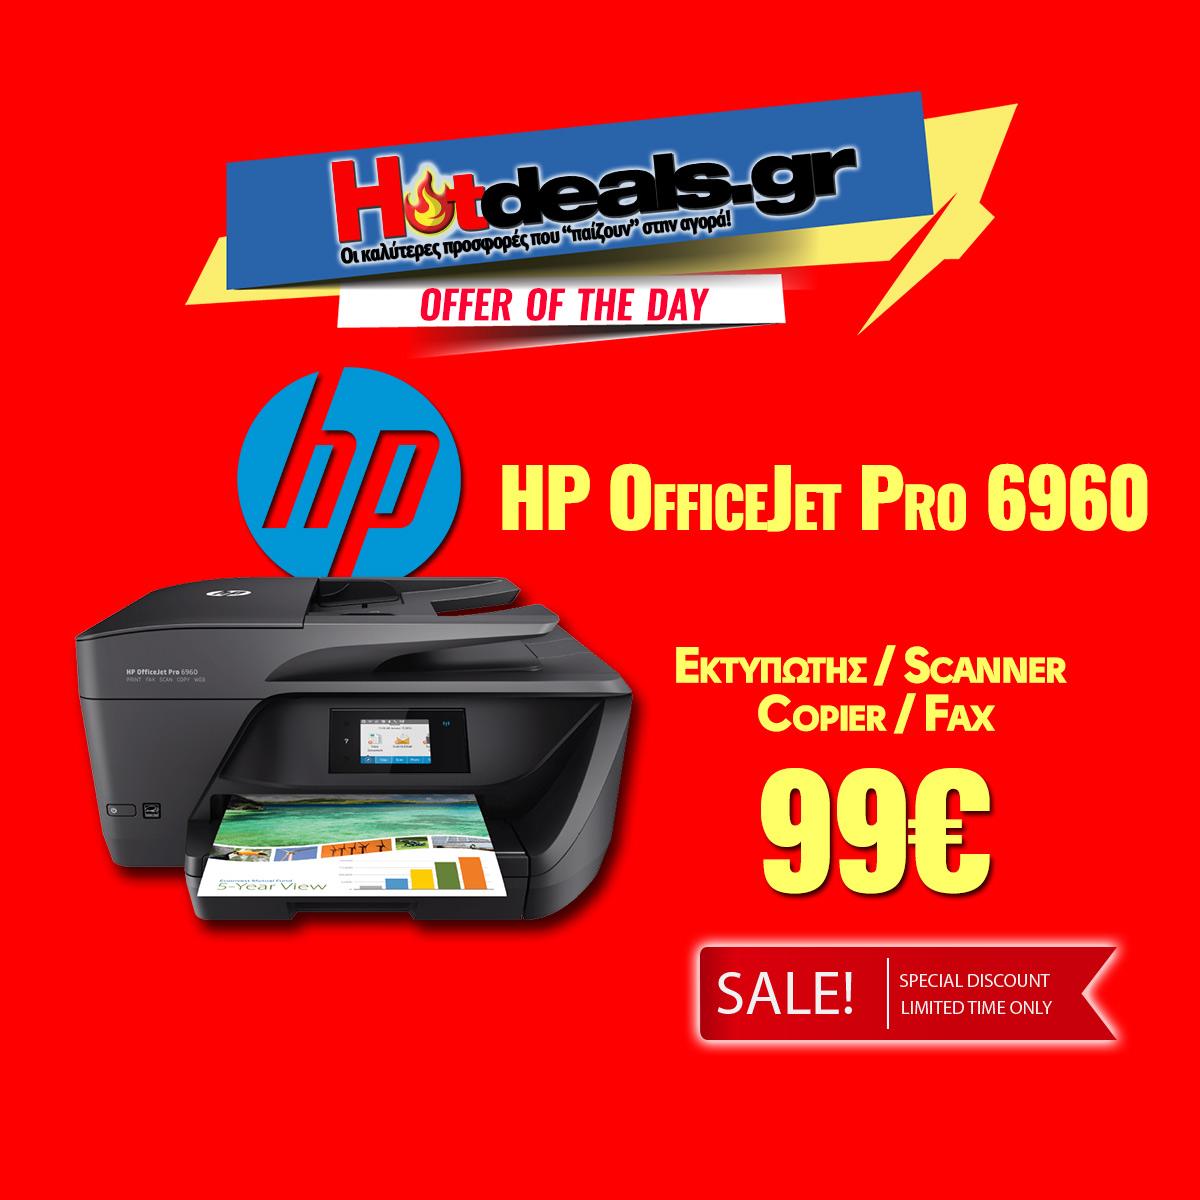 hp officejet pro 6960 printer scanner fax wifi mediamarkt 99. Black Bedroom Furniture Sets. Home Design Ideas